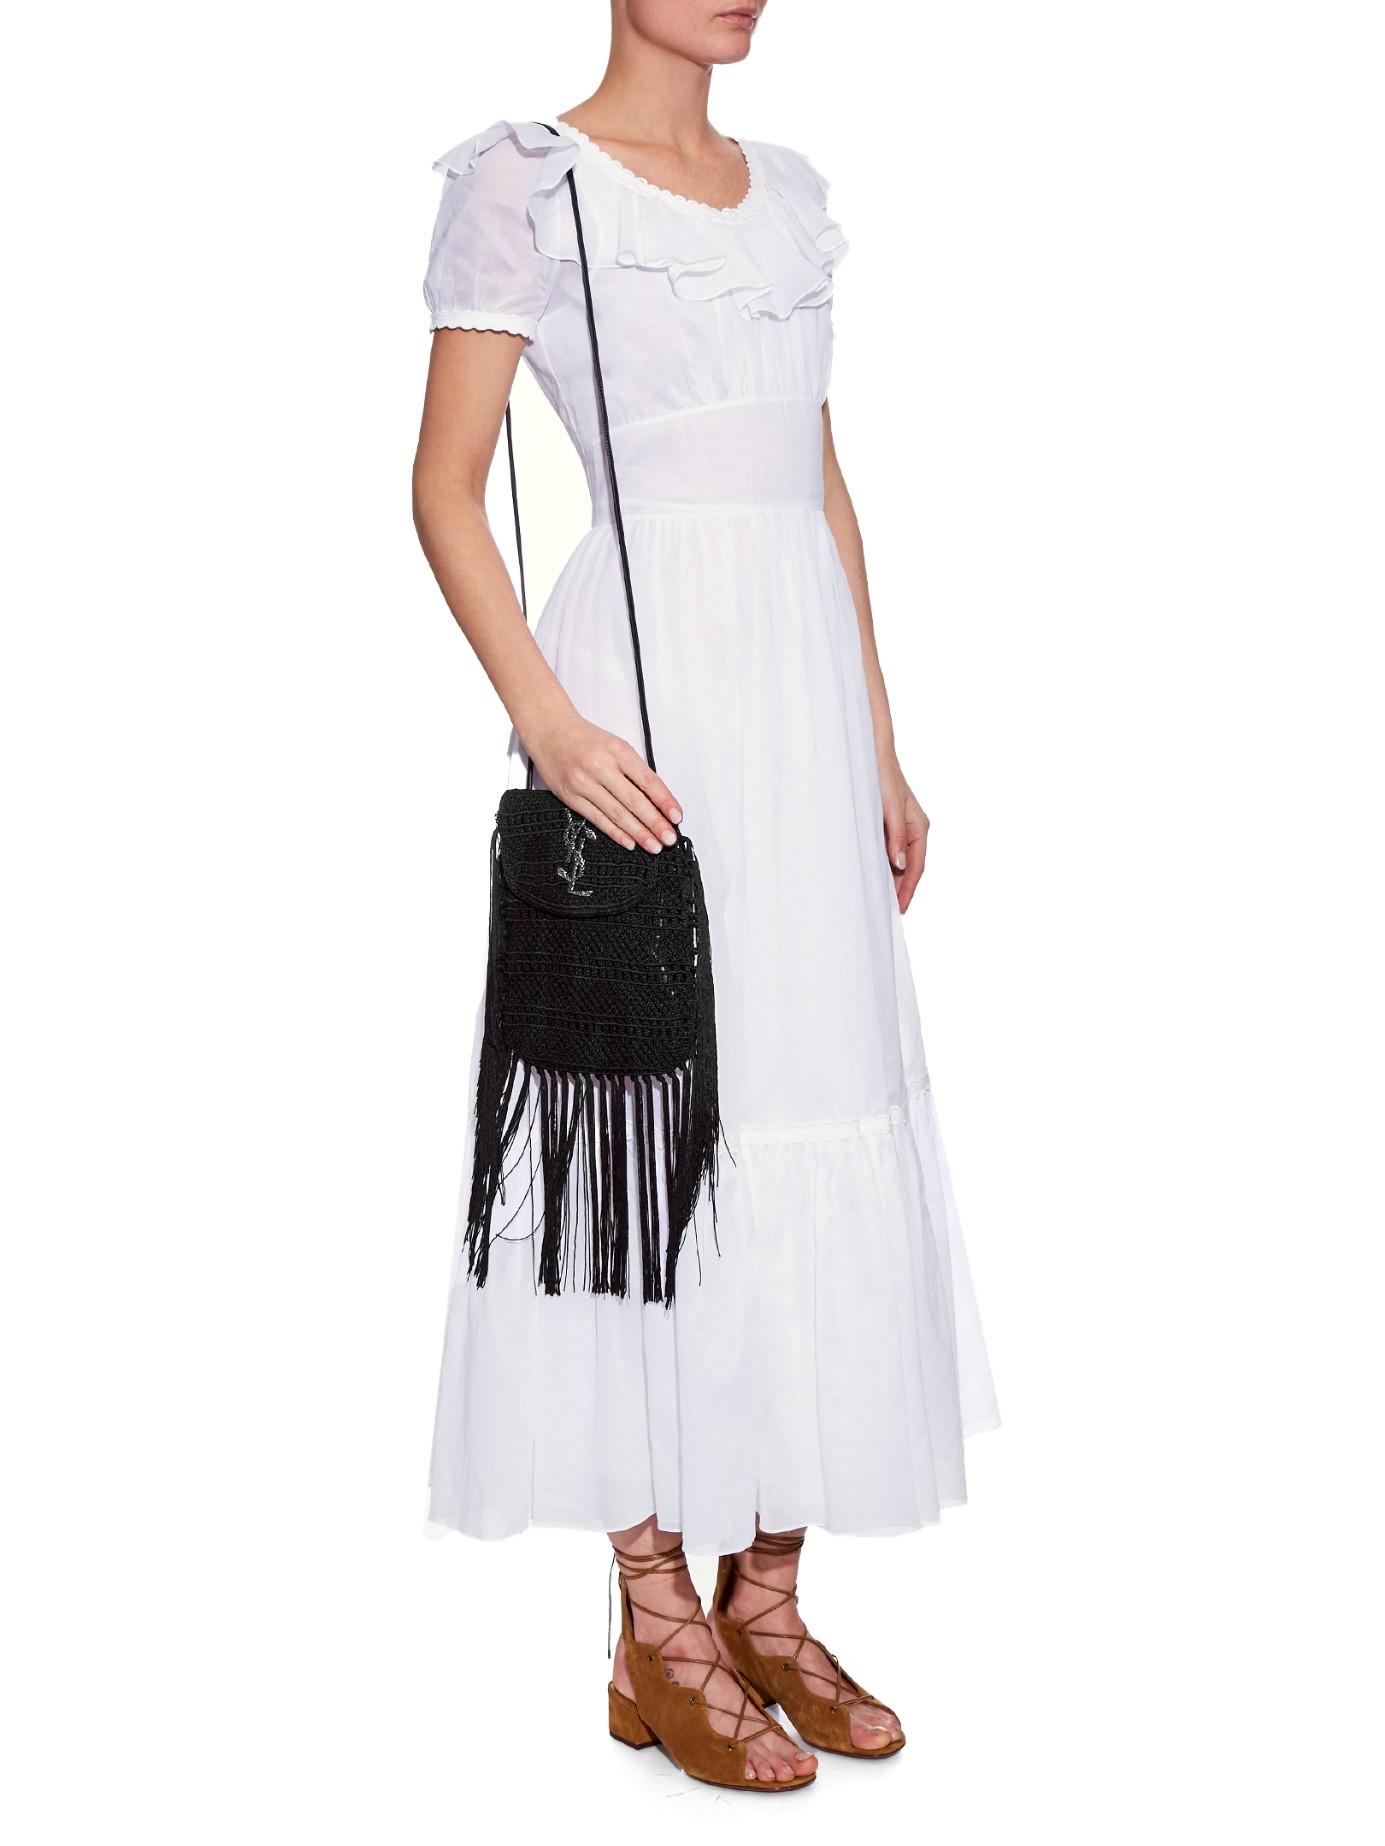 red ysl wallet - anita mini flat suede shoulder bag with fringe, black